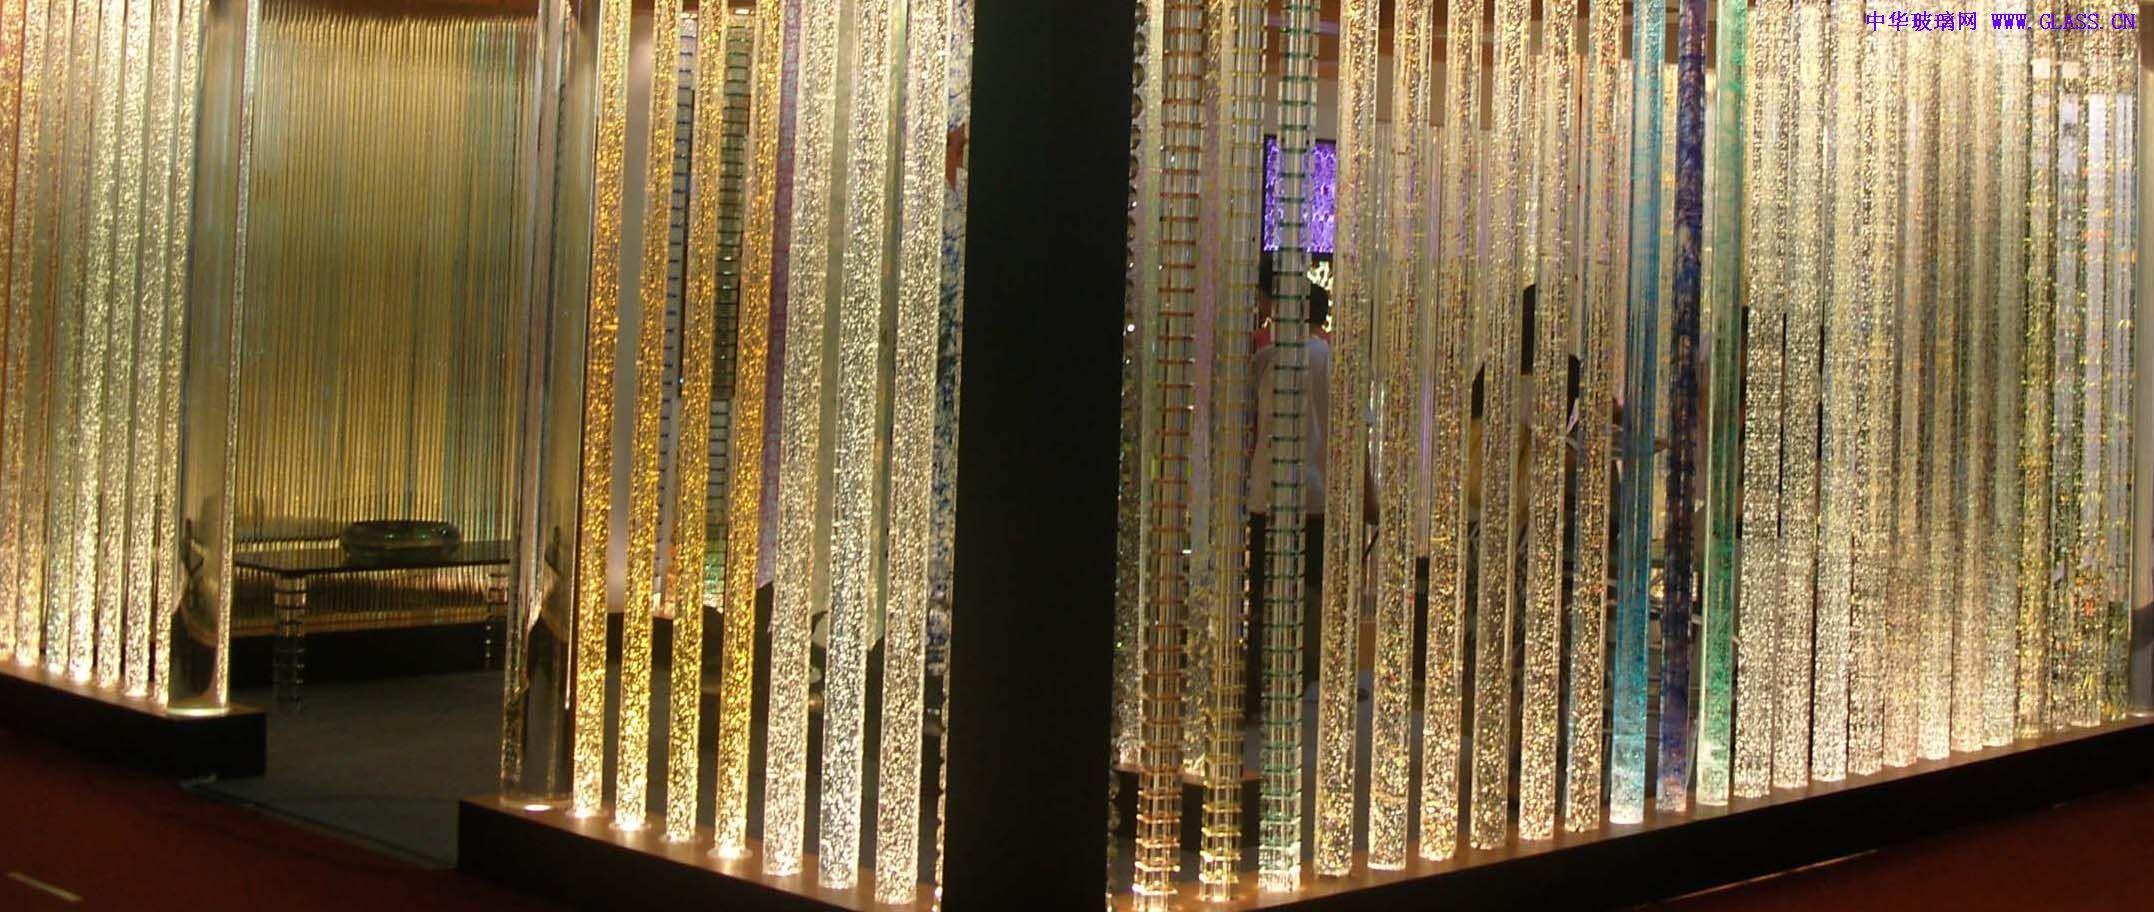 雨蓬   水晶柱,柜台,水幕,雕花,玻璃砖